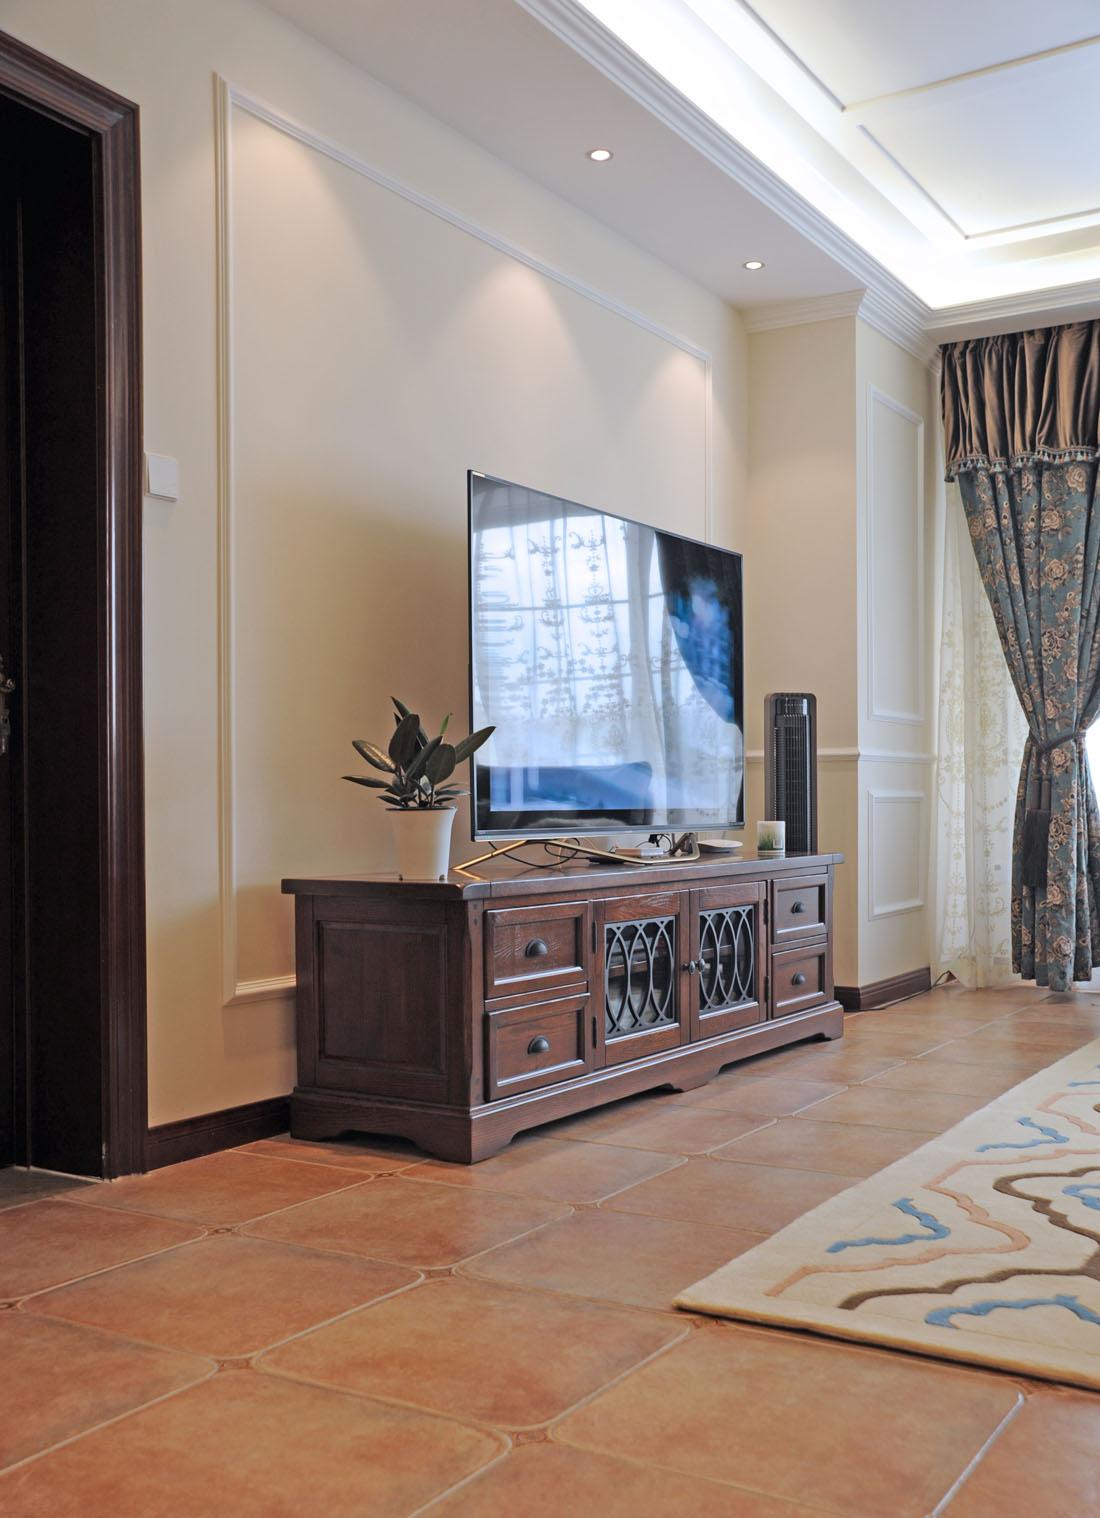 三居 美式 客厅图片来自徐春龙设计师在美丽传说的分享